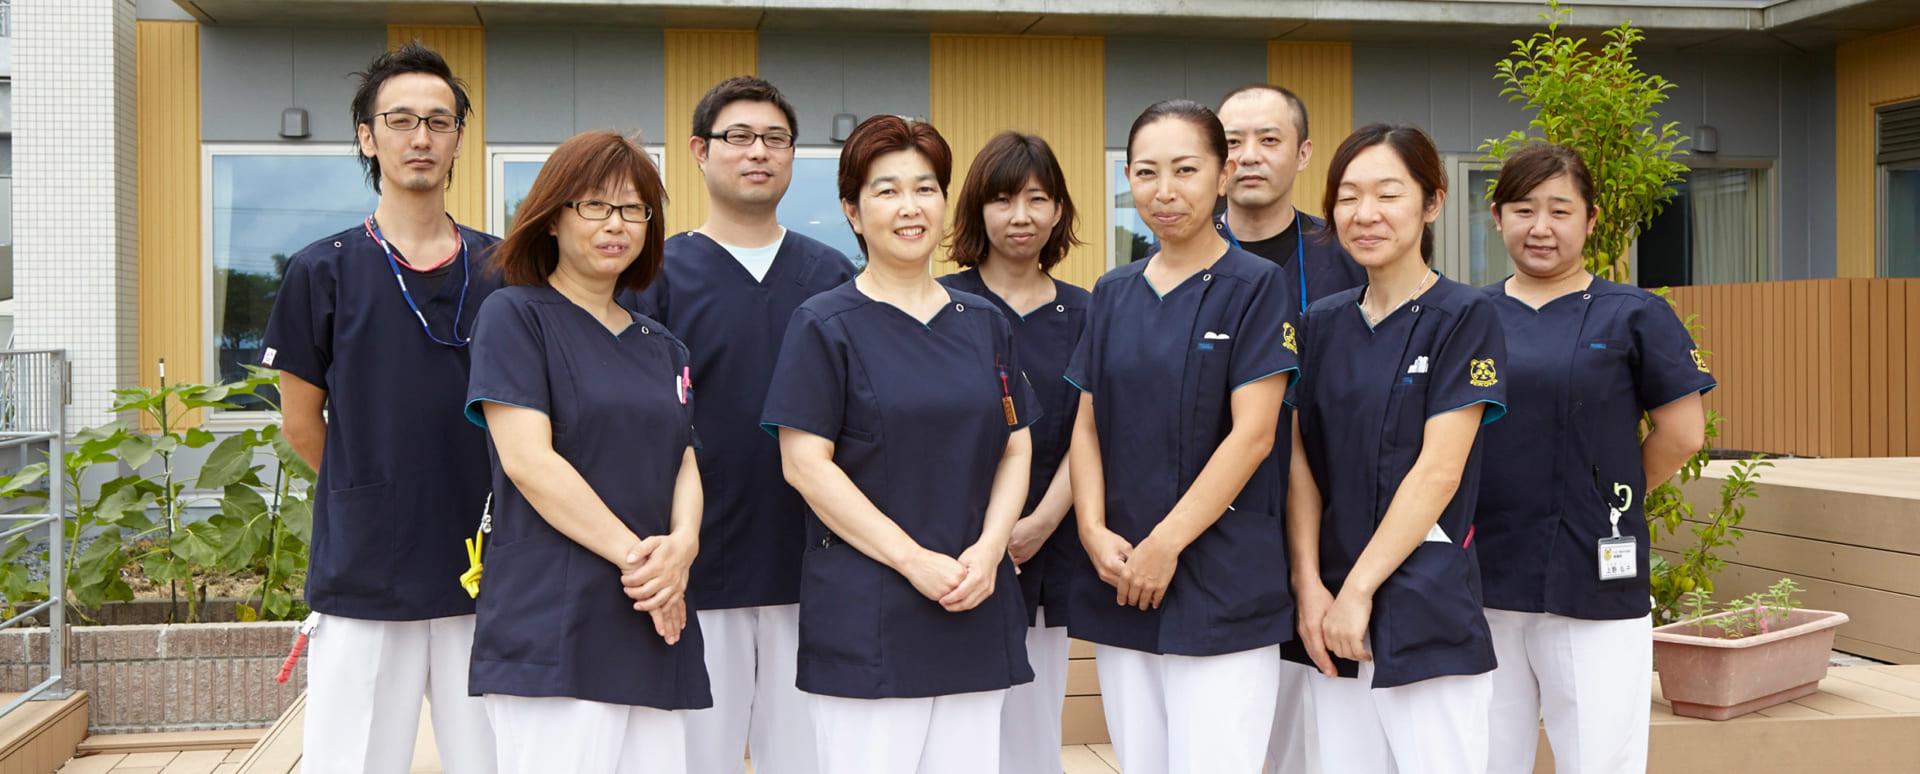 虎ノ門 病院 看護 師